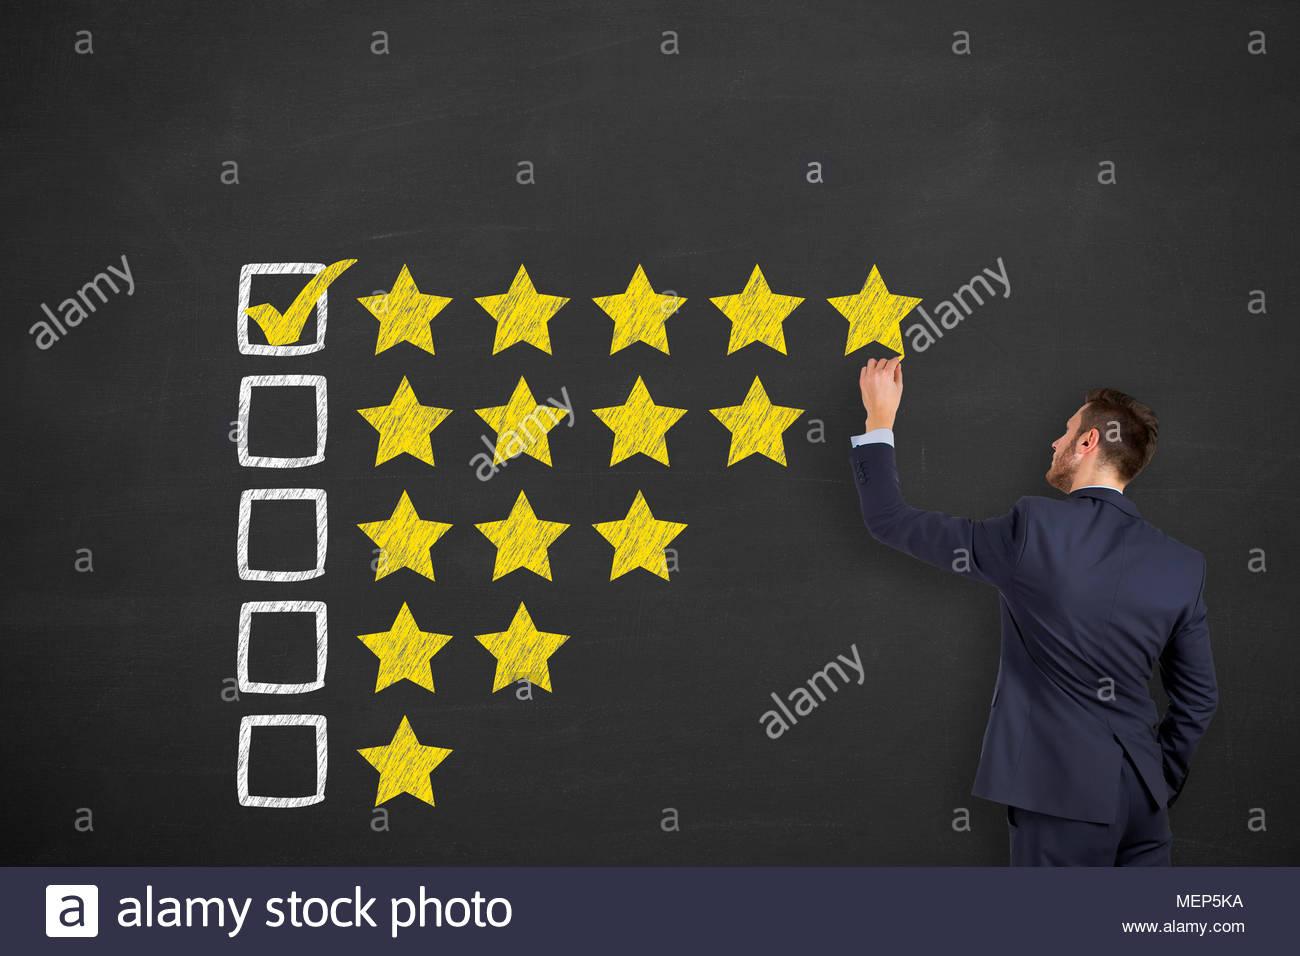 La soddisfazione del cliente concetti su sfondo Blackboard Immagini Stock